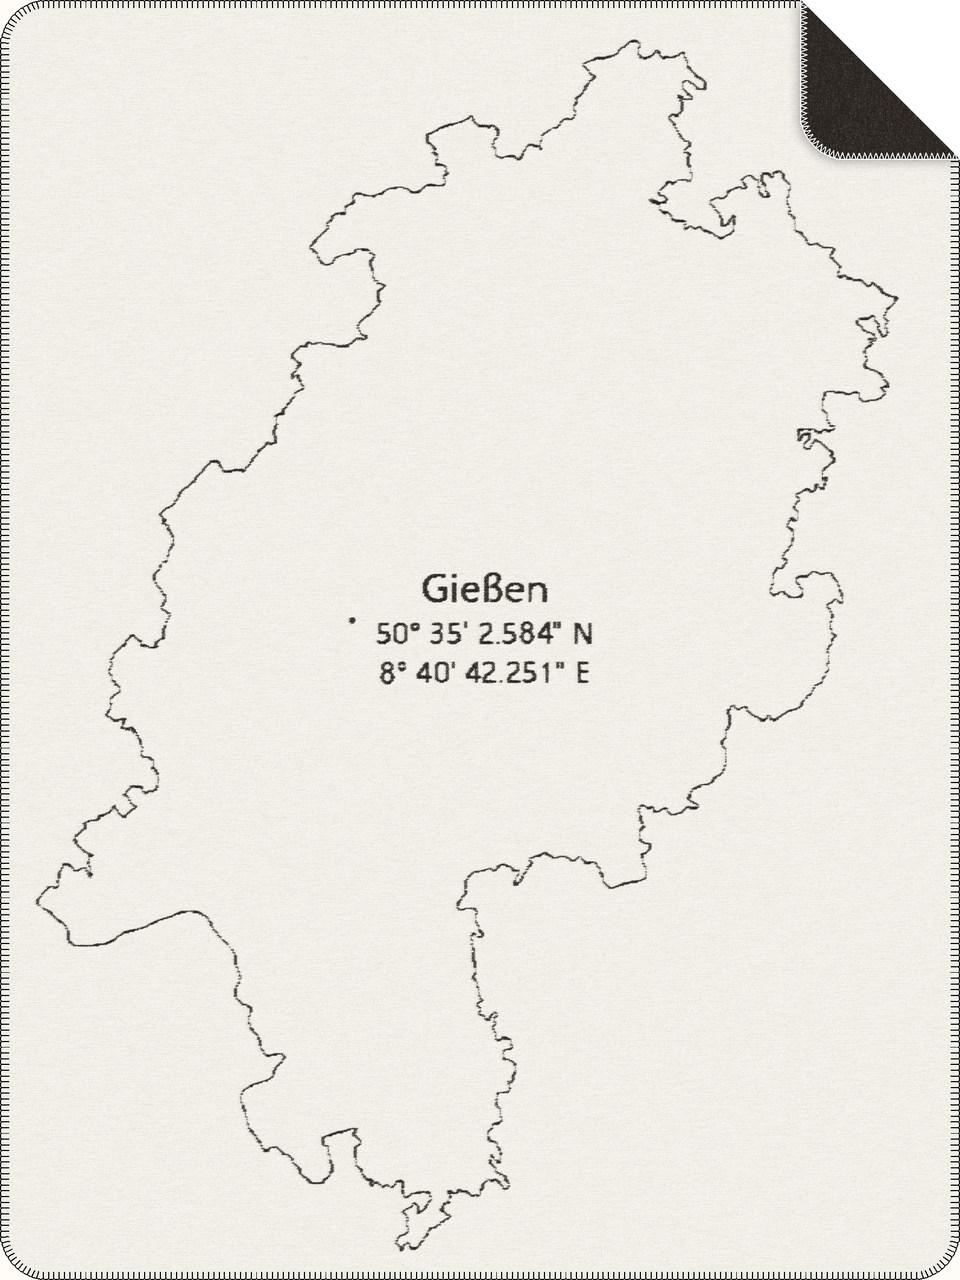 Giessen-Staedtedecke-mit-KoordinatenFxwFL8Cf0i32y